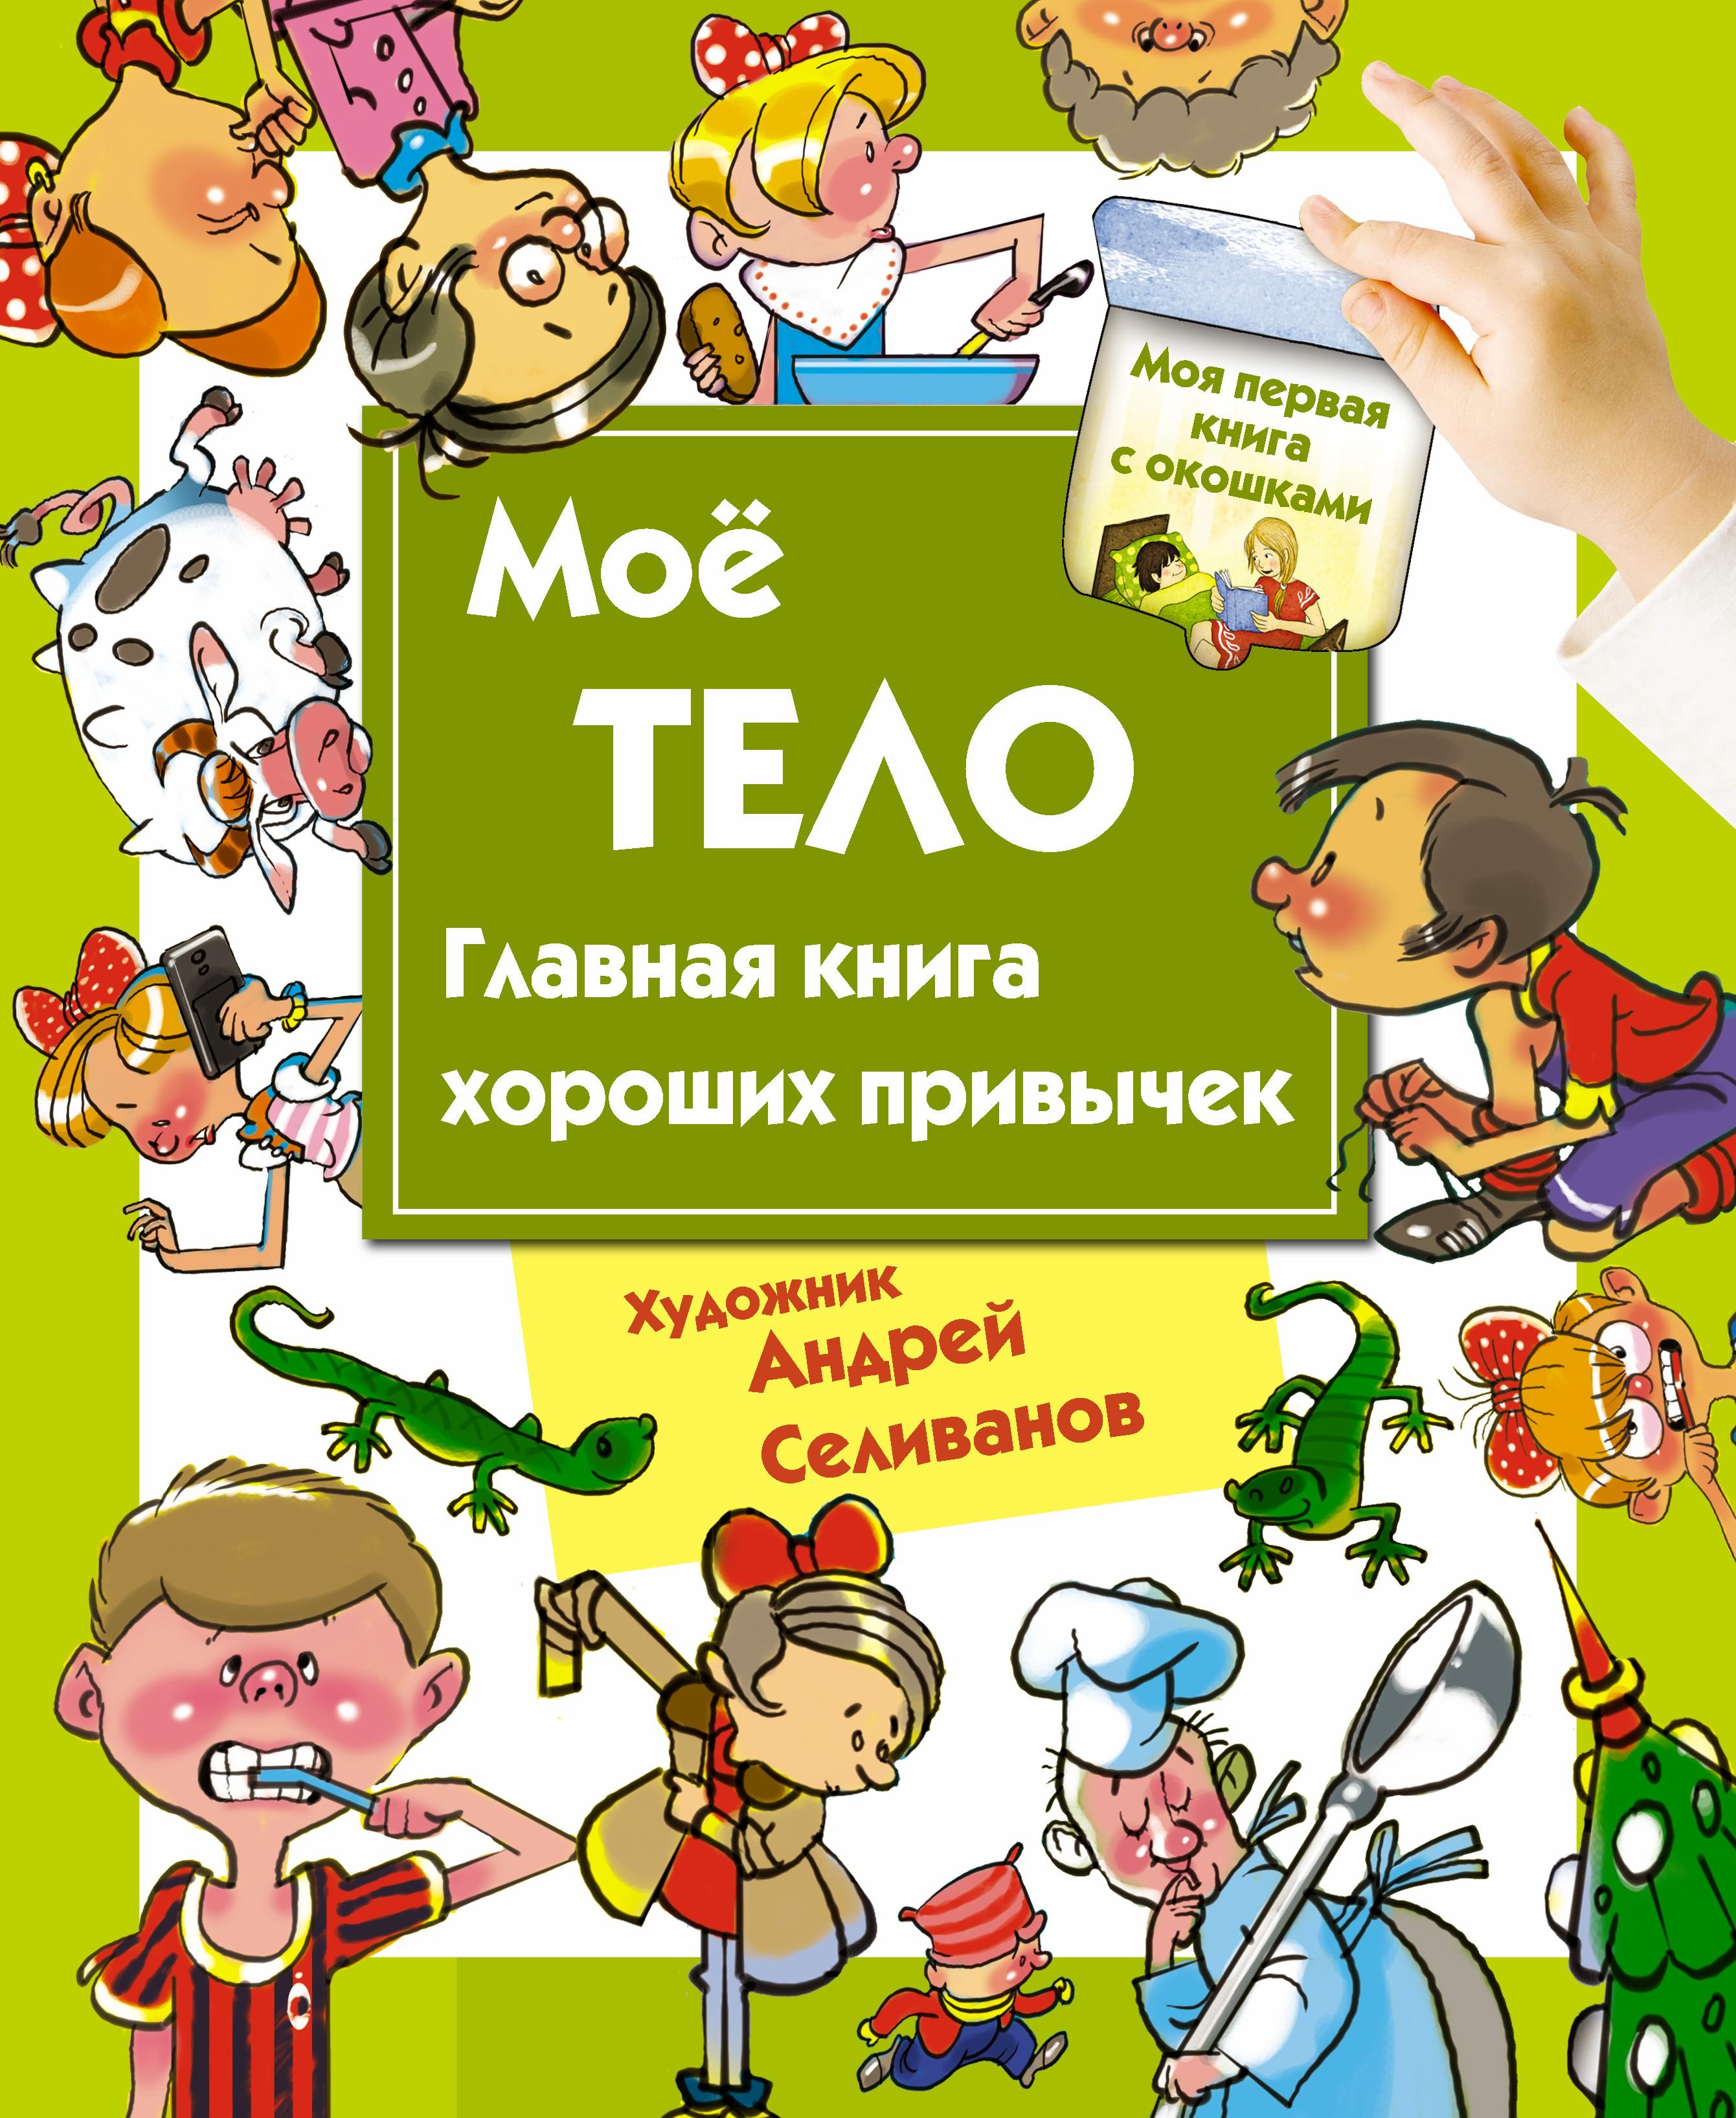 Селиванов А.А. Мое тело. Главная книга хороших привычек корнеева школа безопасности как не попасть в беду